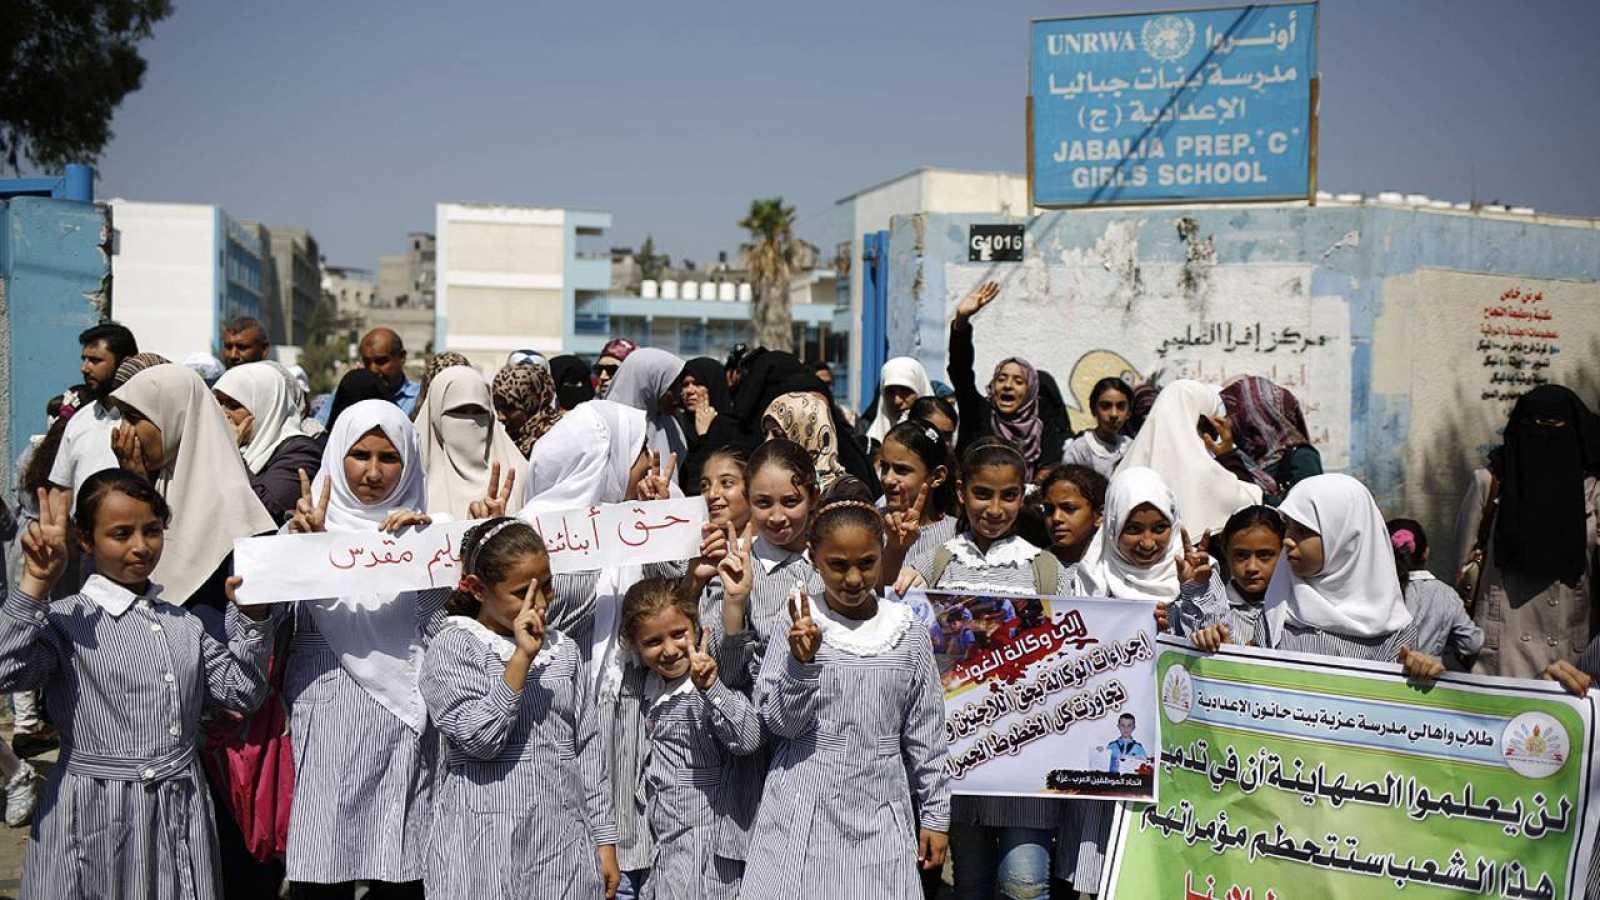 Escolares palestinos en una protesta por la reducción de programas educativos de la UNRWA en el campo de refugiados de Yabalia, Gaza